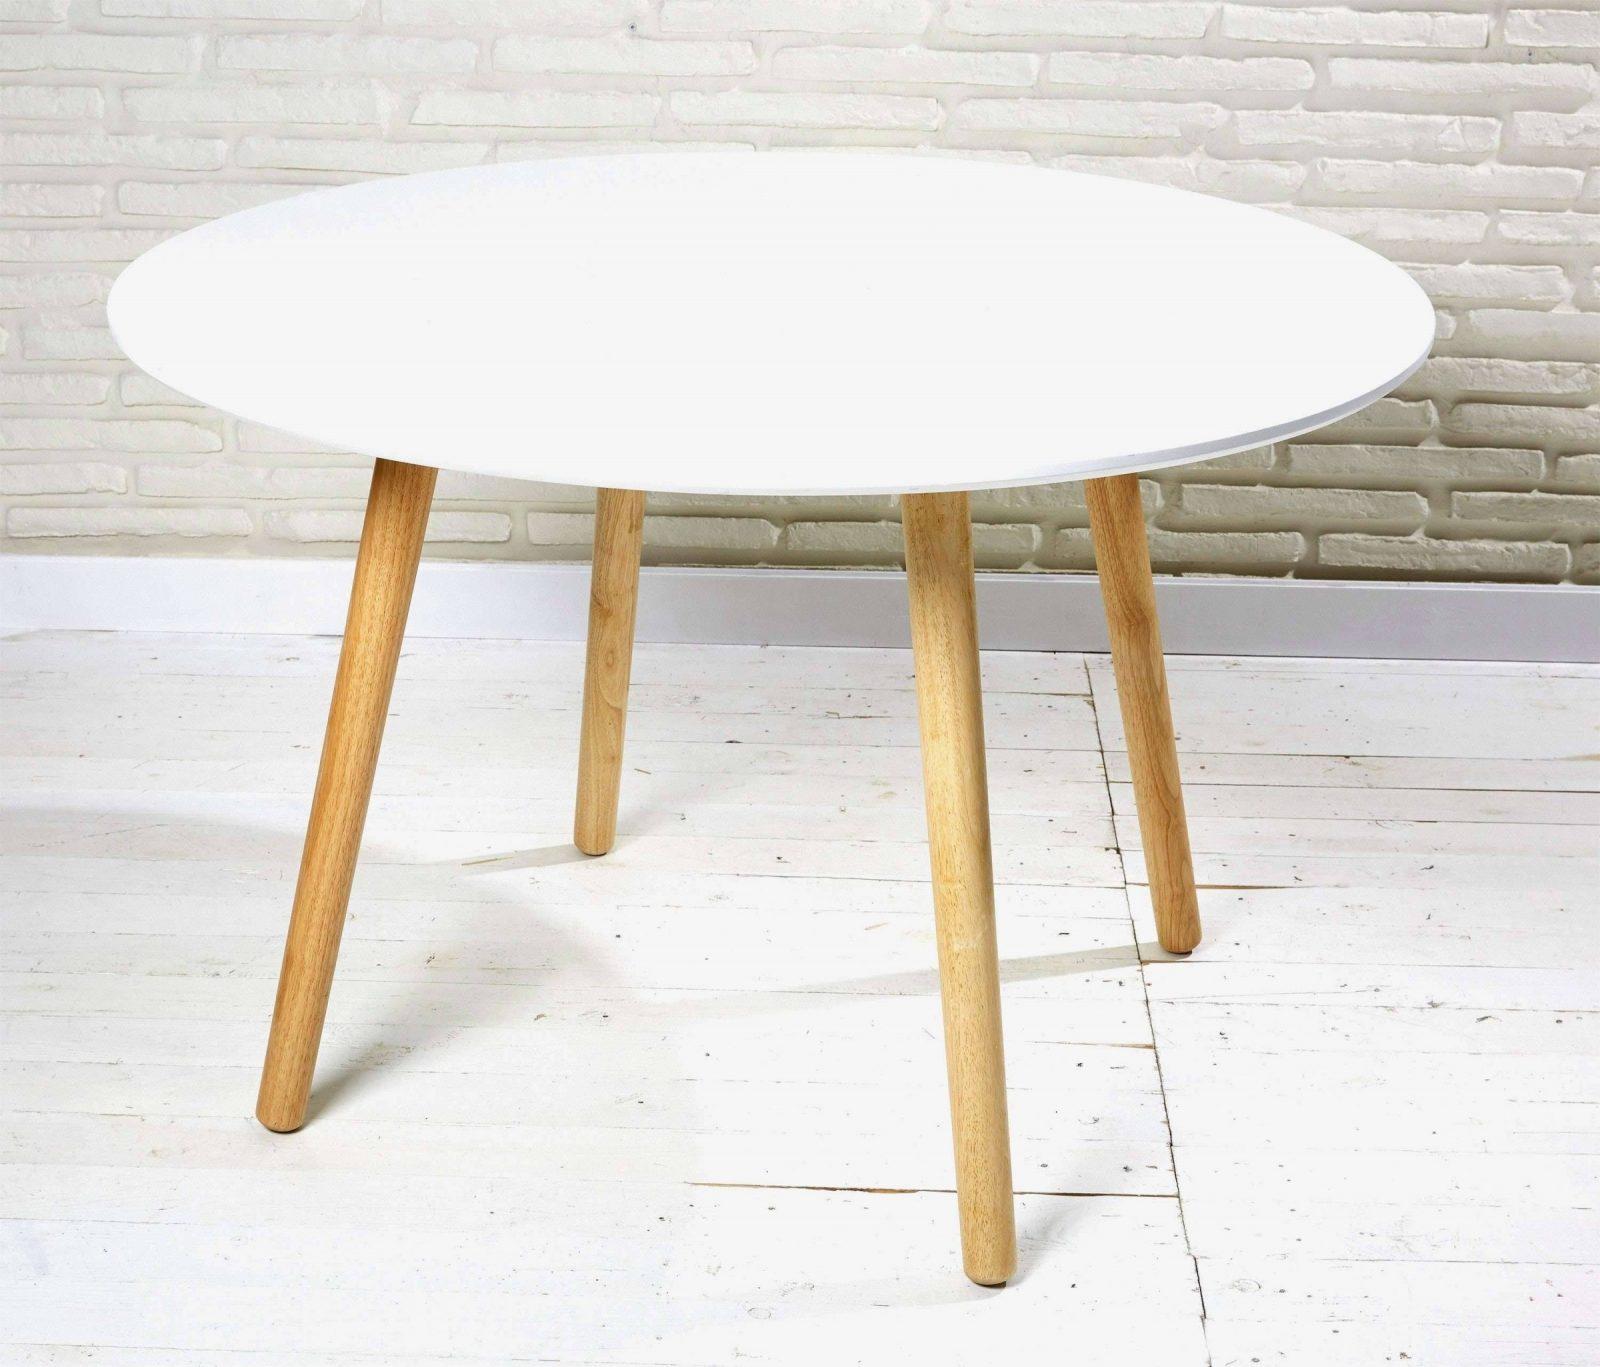 Verkaufsschlager Ikea Tisch Rund Weiß Ungewöhnlich Design Design von Ikea Esstisch Eiche Massiv Photo